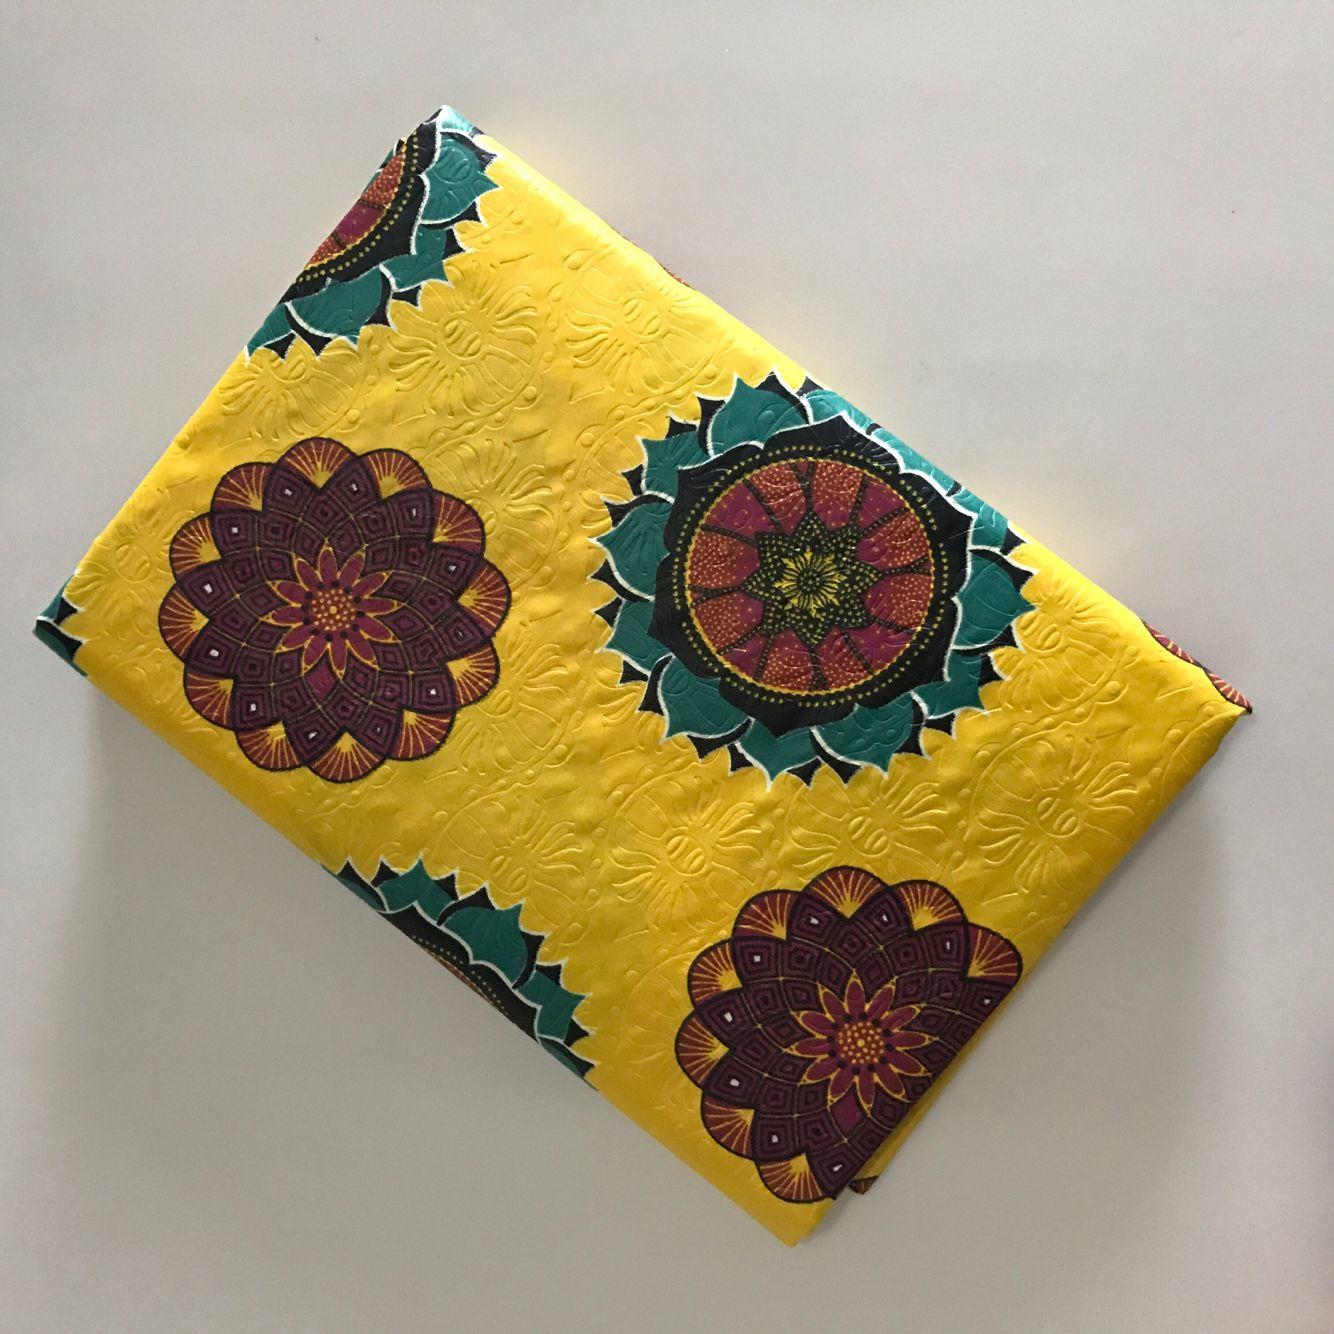 Nigeria de telas bazin riche 2019 estampado de tela jacquard bordada lazo teñido tela bazin 5 yarda/lot-BWL30